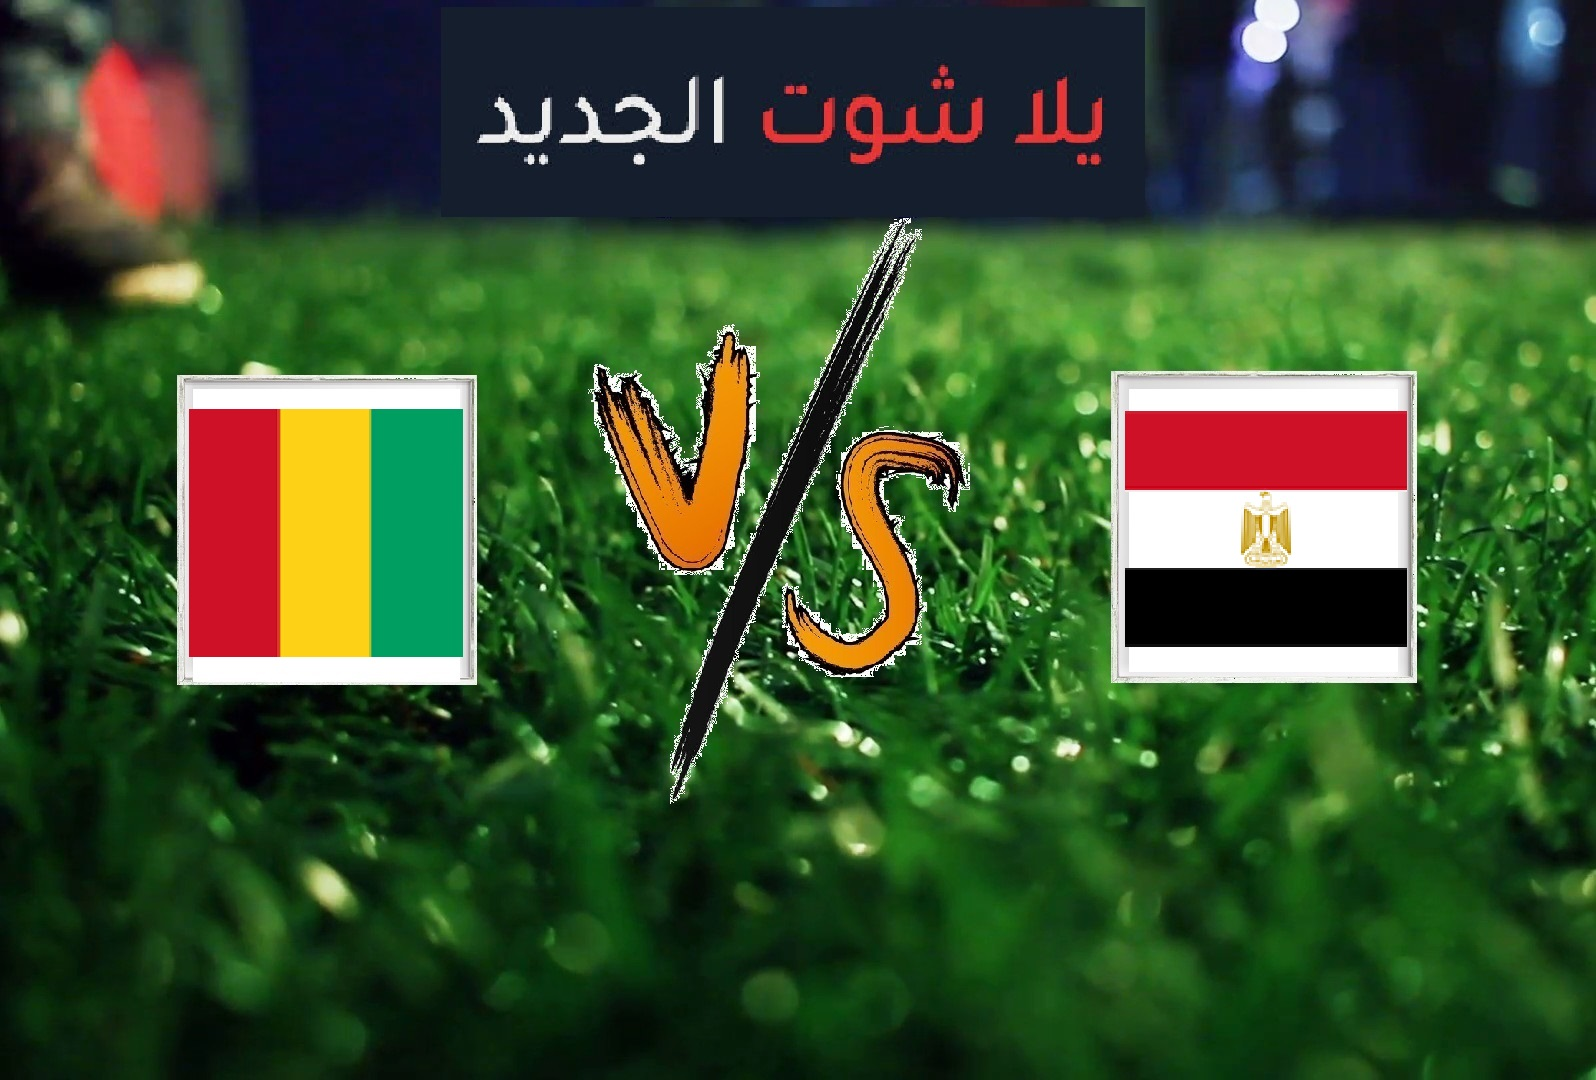 نتيجة مباراة مصر وغينيا اليوم الاحد بتاريخ 16-06-2019 مباراة ودية